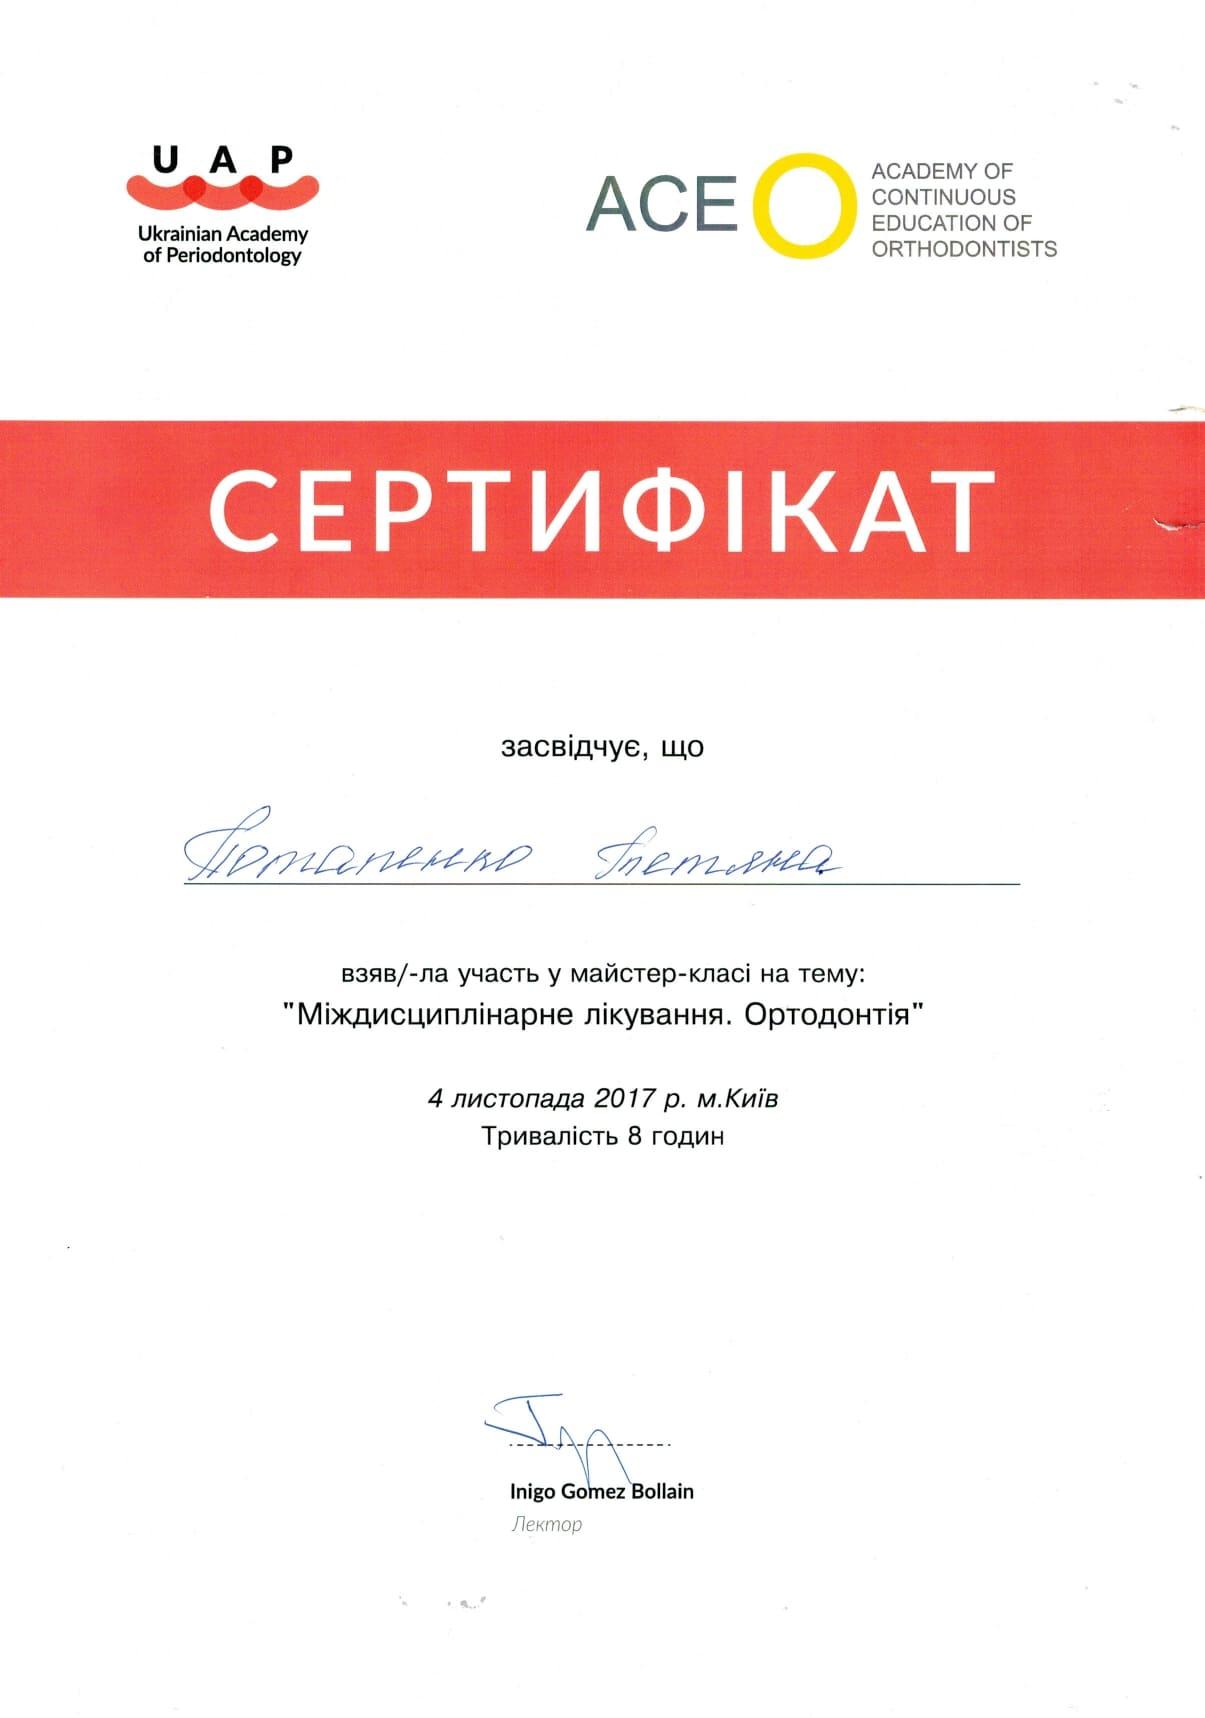 Сертификат подтверждающий участие Татьяны Потапенко в конгрессе - Междисциплинарое лечение. Ортодонтия